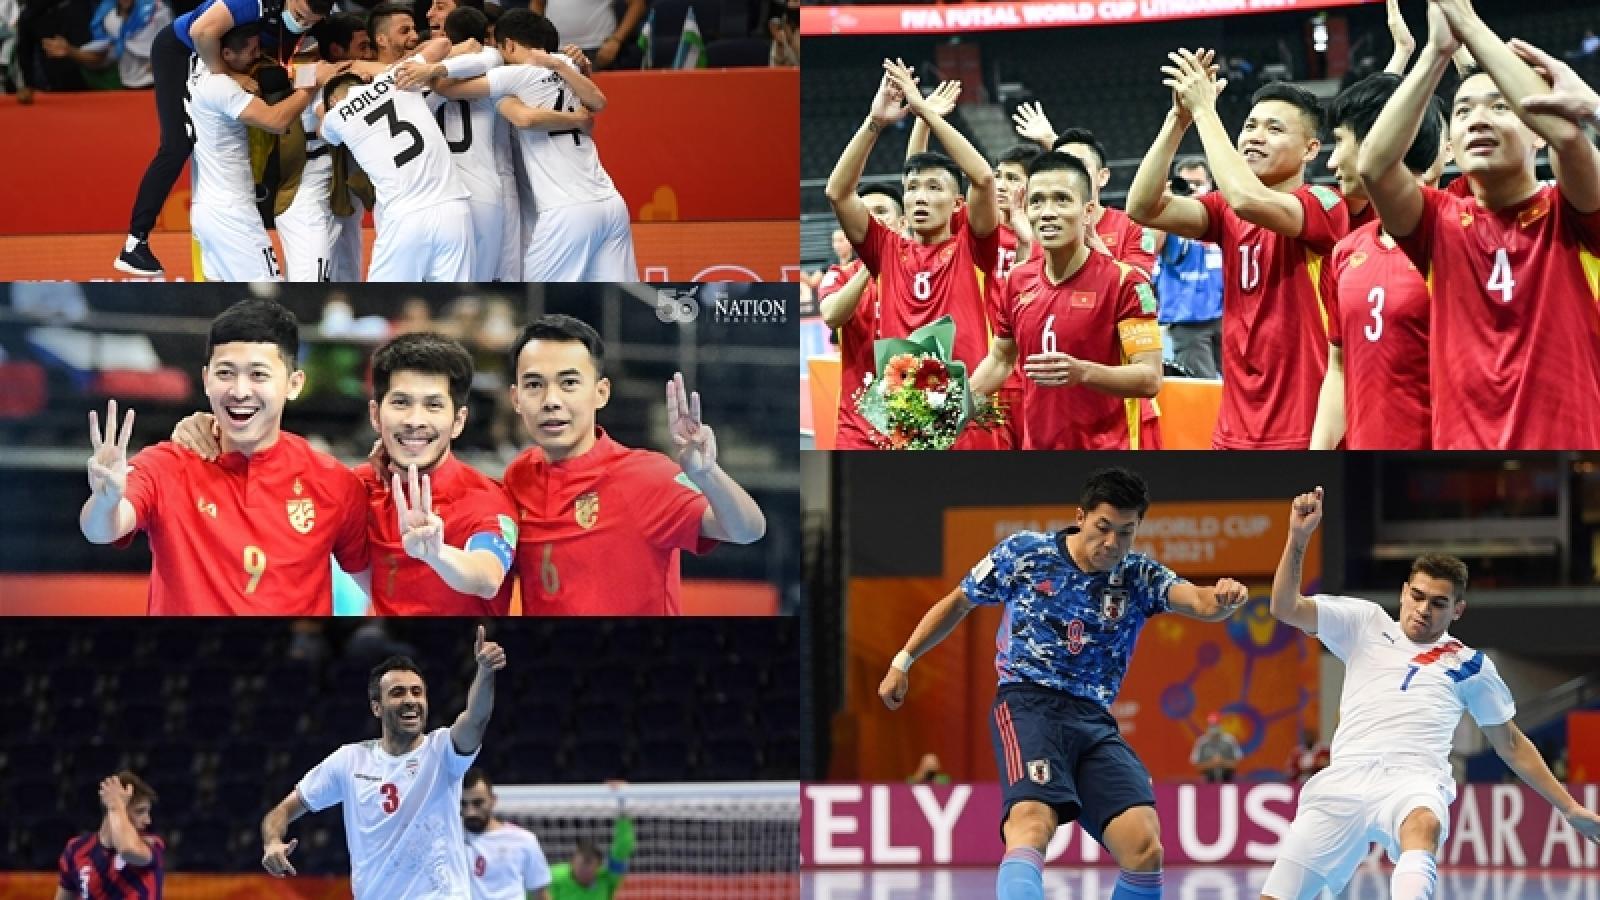 Danh sách 16 đội vào vòng 1/8 Futsal World Cup: Bóng đá châu Á lập kỳ tích